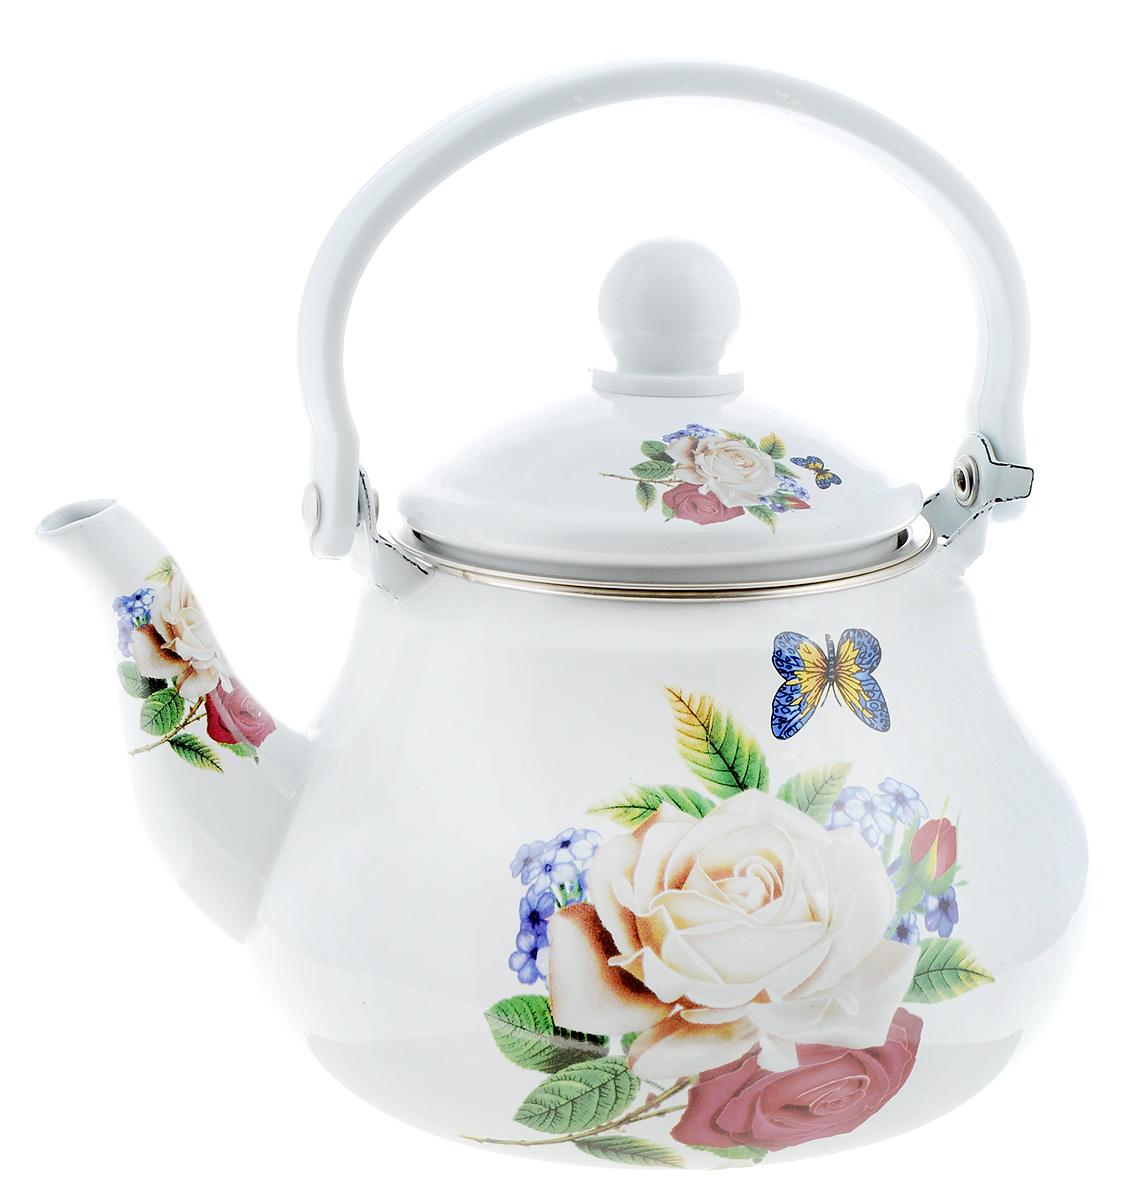 Чайник заварочный Mayer & Boch Роза, 1,5 л25619Заварочный чайник Mayer & Boch Роза изготовлениз высококачественной углеродистой стали сэмалированным покрытием.Такое покрытие защищает сталь от коррозии,придает посуде гладкую стекловидную поверхностьи надежно защищает от кислот ищелочей. Изделие прекрасно подходит длязавариваниявкусного и ароматного чая, травяных настоев.Чайник оснащен сетчатымфильтром, который задерживает чаинки ипредотвращает их попадание в чашку.Оригинальный дизайн сделает чайник настоящимукрашением стола. Он удобен в использовании ипонравится каждому. Подходит дляиспользования на газовых,стеклокерамических, электрических, галогеновых ииндукционных плитах. Можно мыть впосудомоечной машине.Диаметр чайника (по верхнему краю): 9,5 см.Высота чайника (без учета крышки): 11 см. Толщина стенок: 8 мм.